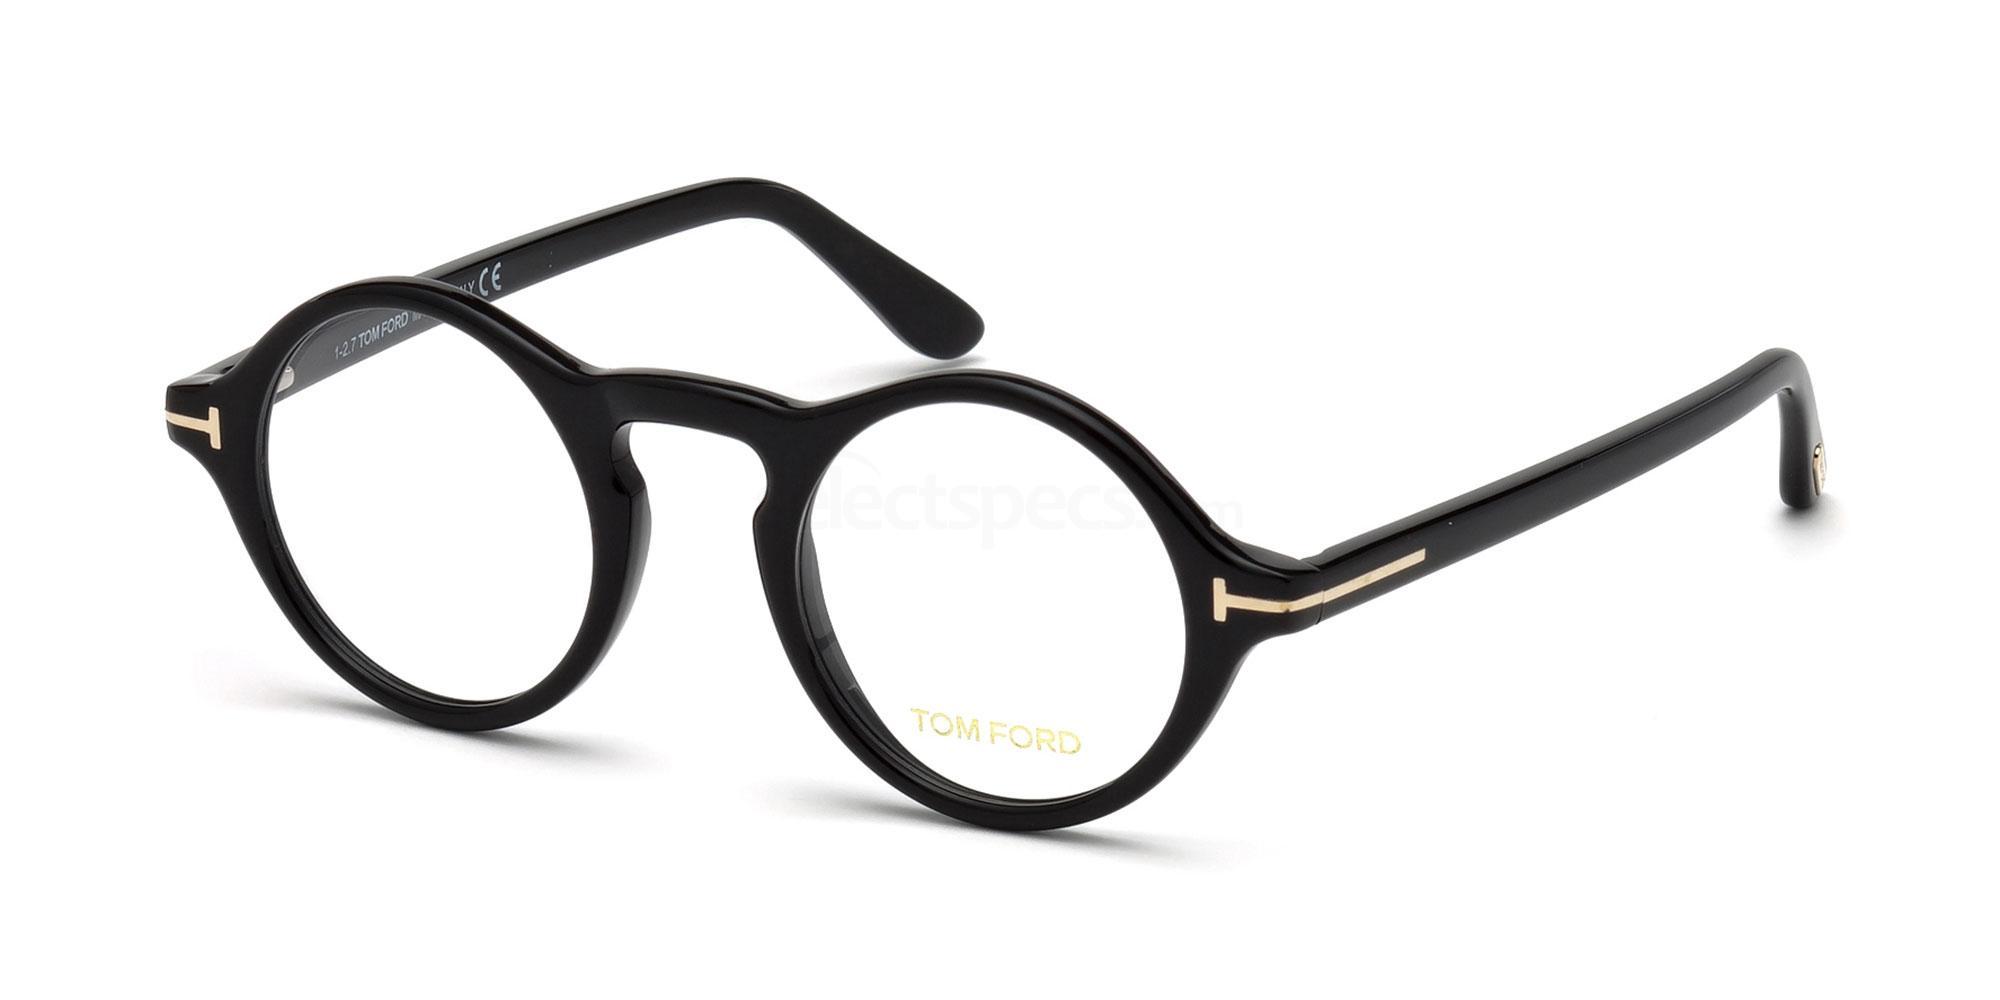 001 FT5526 Glasses, Tom Ford